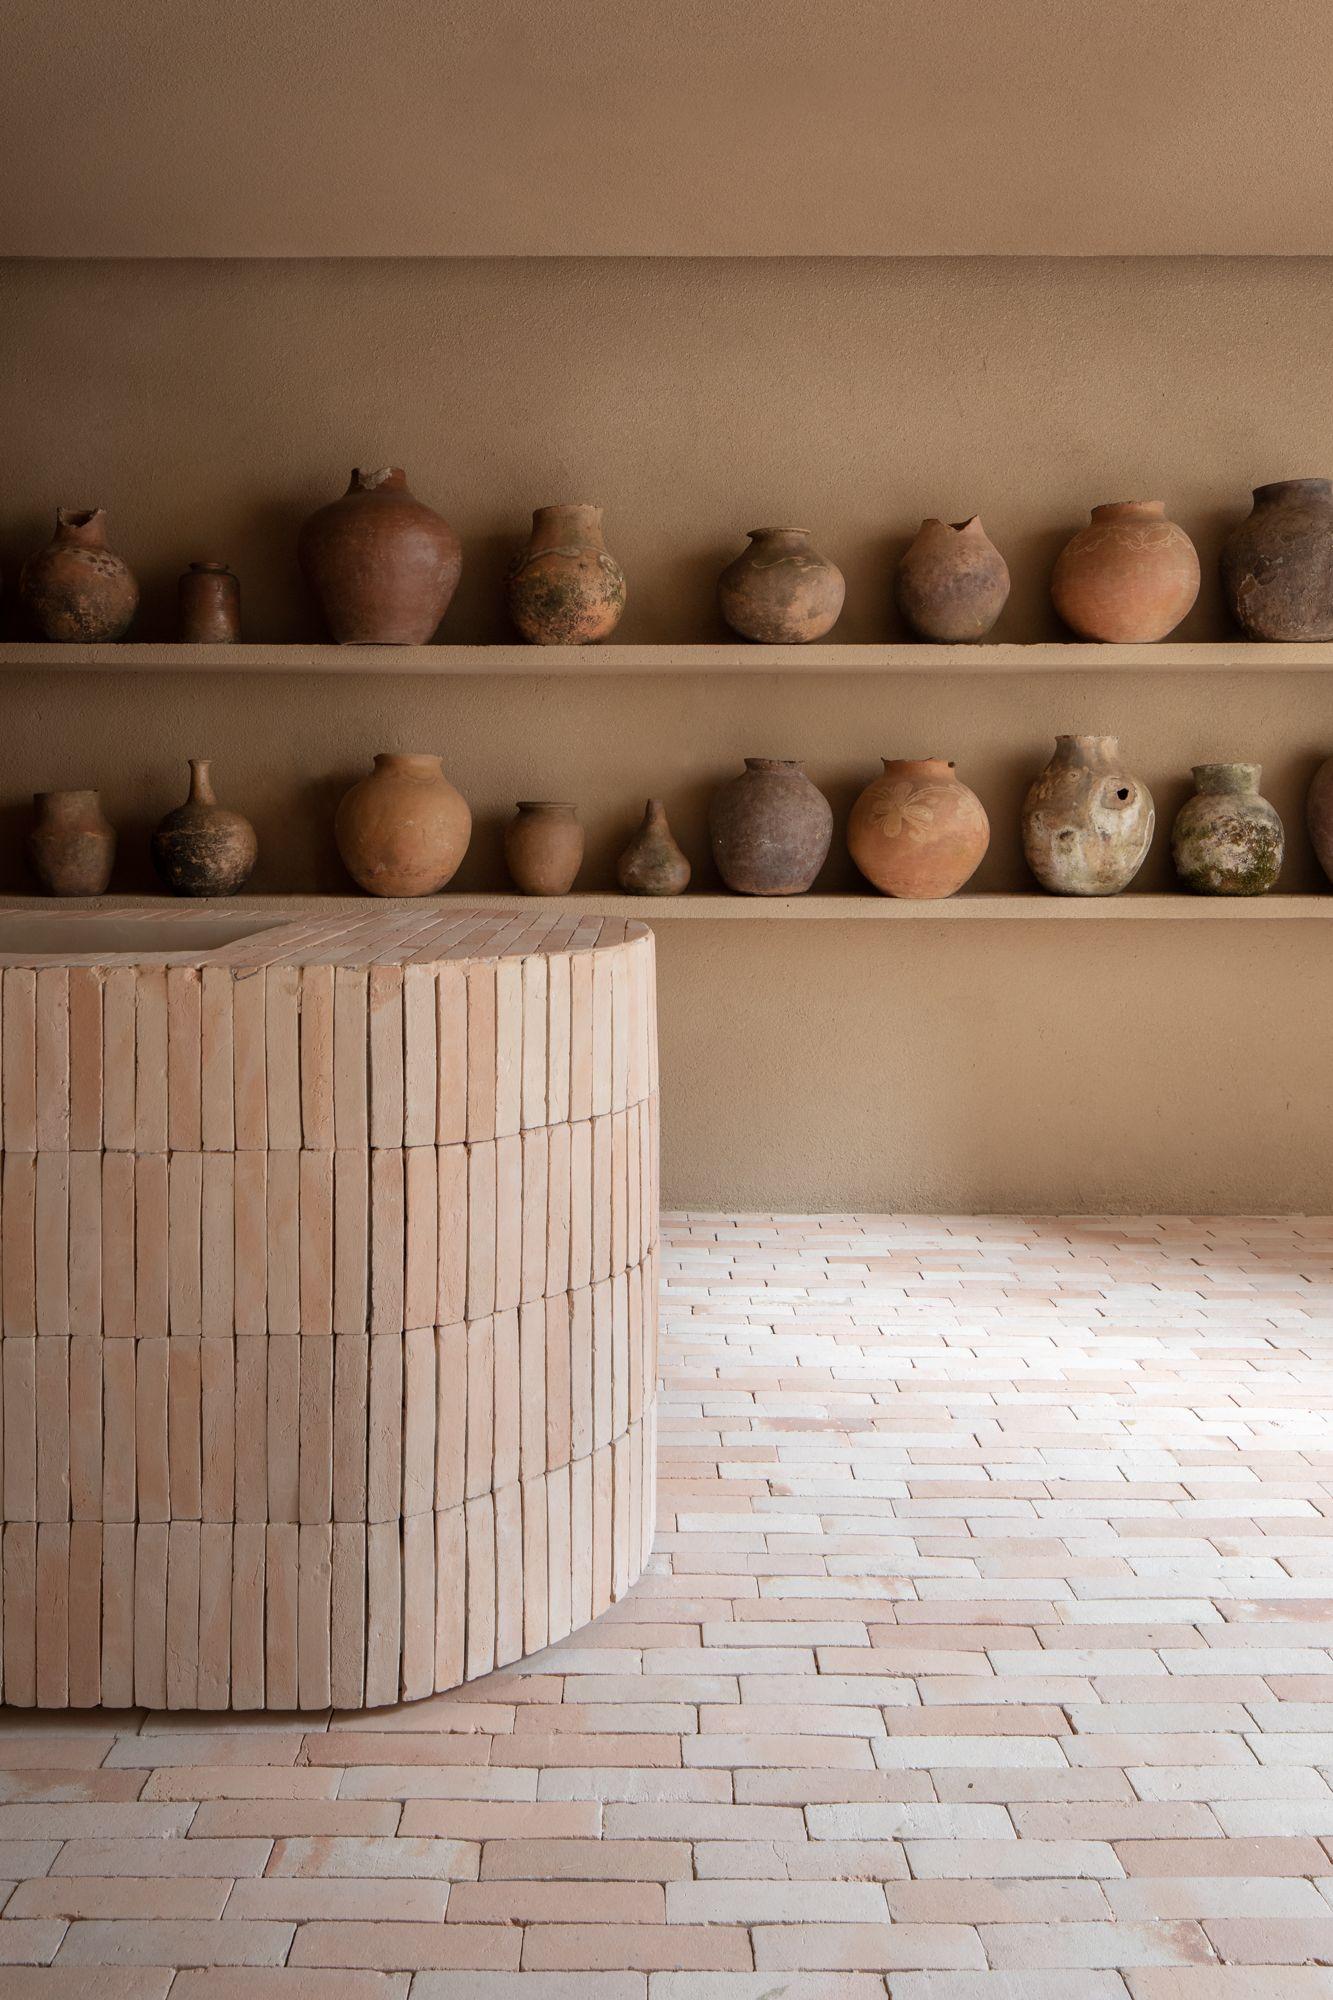 ilaria fatone inspirations une pièce épurée en briques naturelles